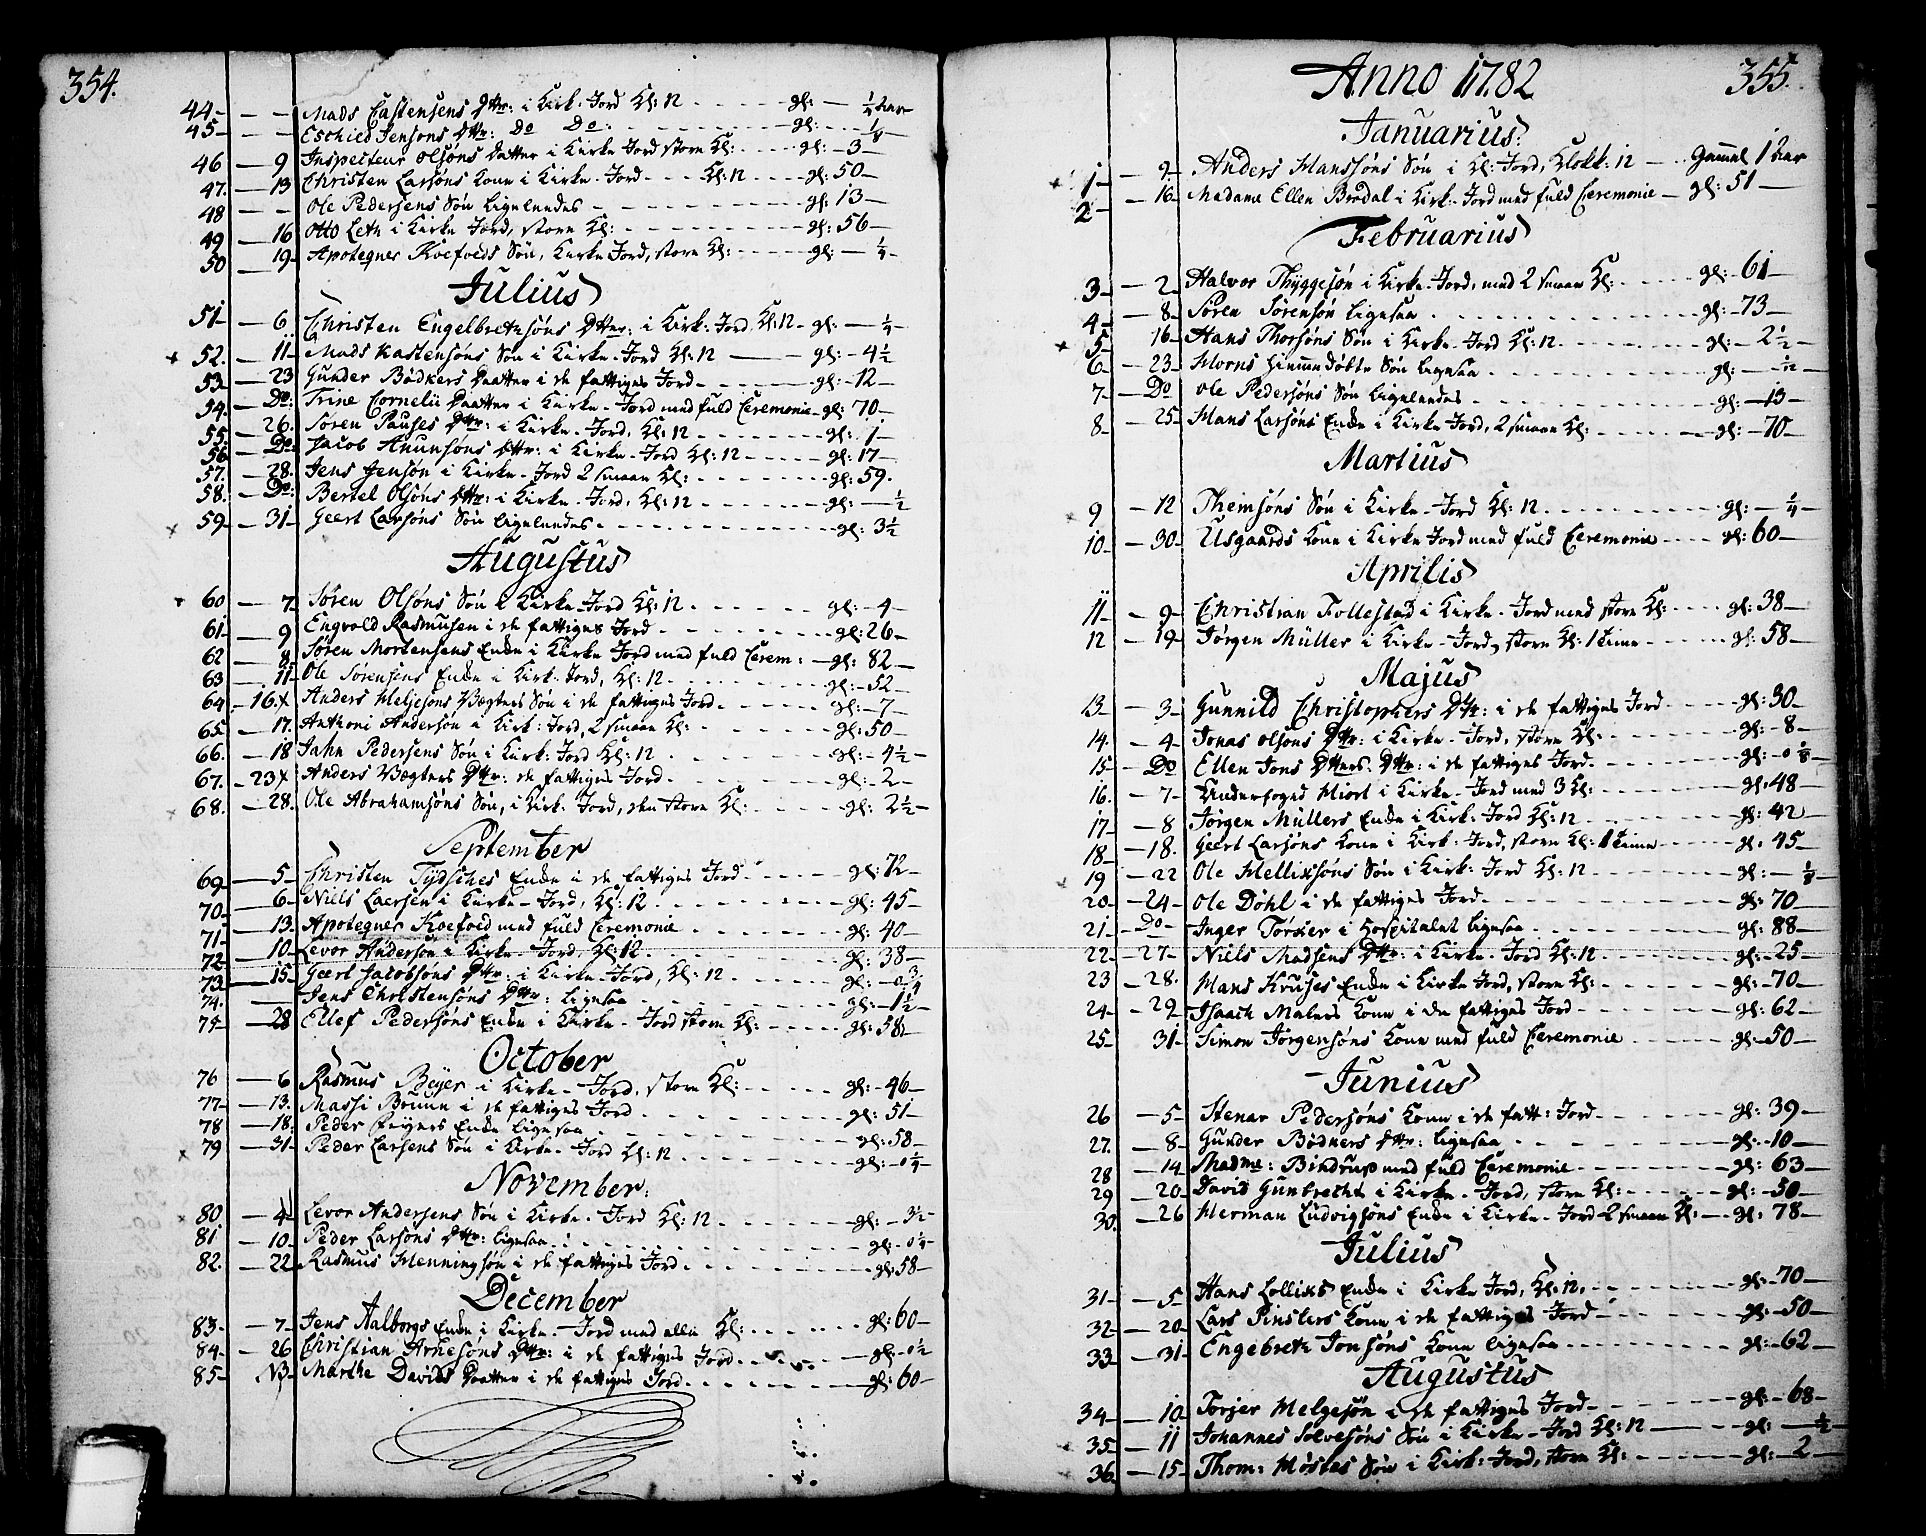 SAKO, Skien kirkebøker, F/Fa/L0003: Ministerialbok nr. 3, 1755-1791, s. 354-355